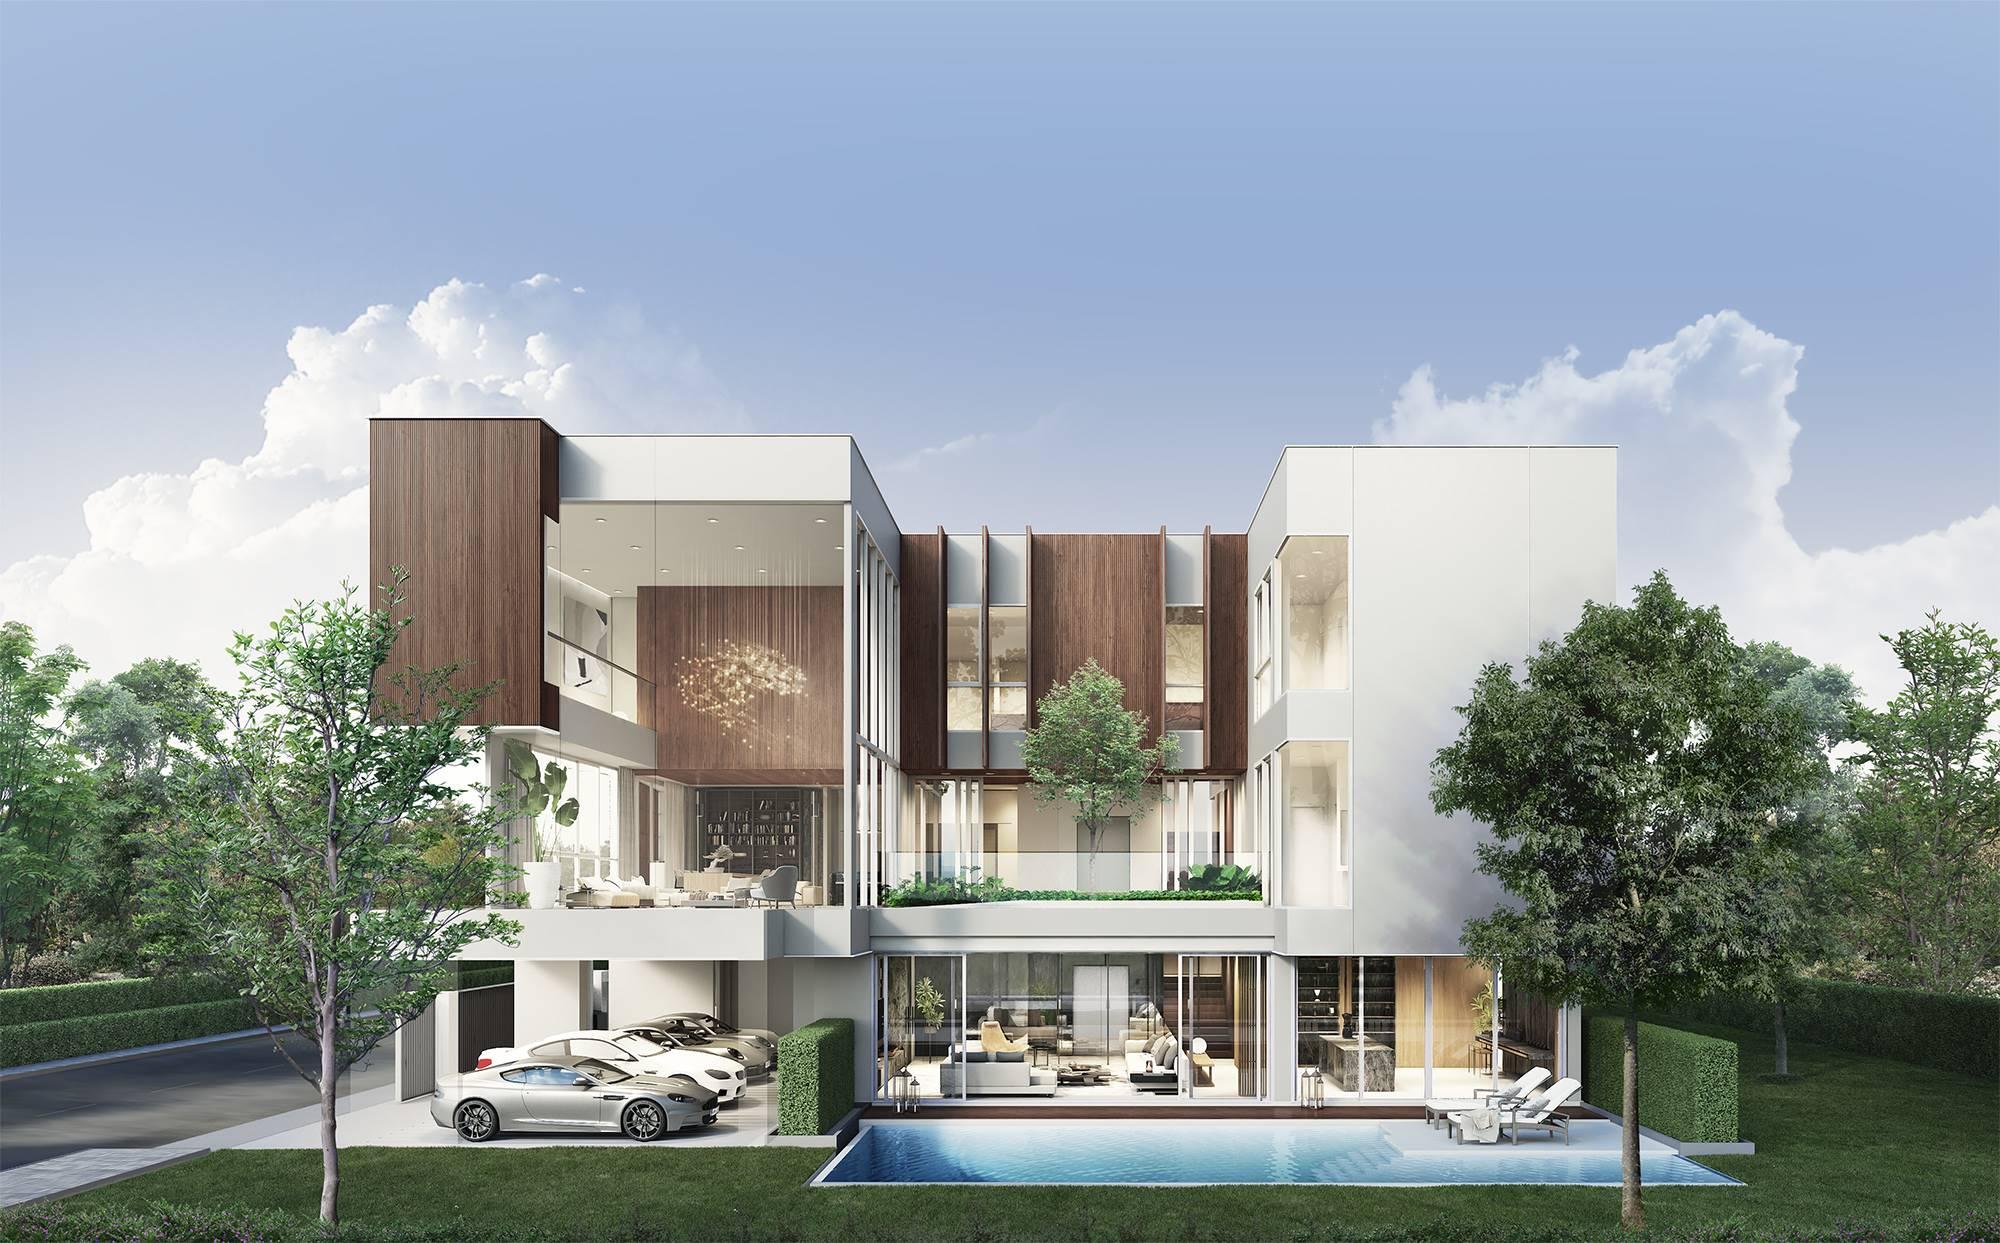 เอ็นริช ชูแนวคิดจัดบ้านสไตล์ คอนมาริ  ในโครงการThe MARQ Exquisite ราชพฤกษ์  จรัญสนิทวงศ์ | Prop2Morrow บ้าน คอนโด ข่าวอสังหาฯ